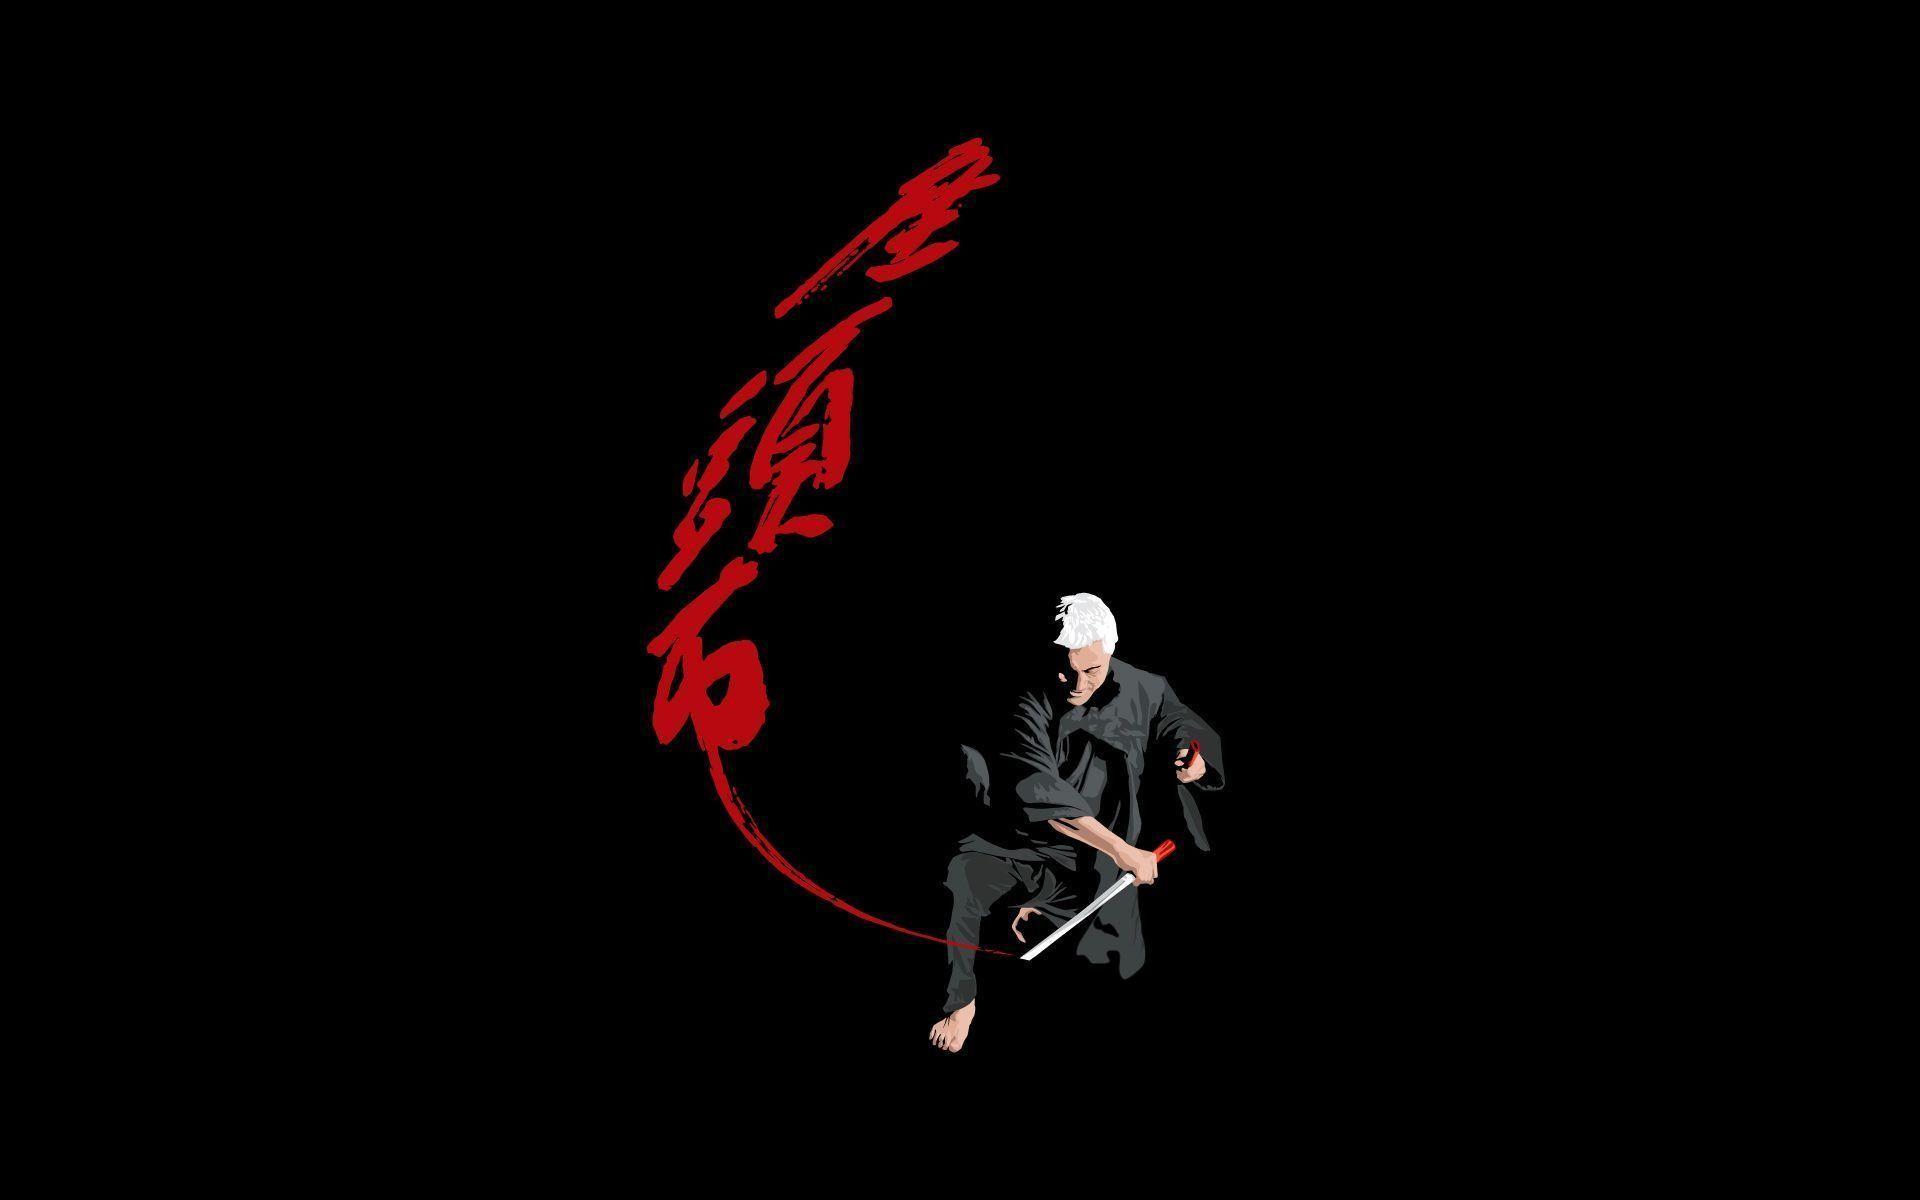 Drawing Art Samurai Sword Wallpaper Picture #10997 Wallpaper . 1920x1200